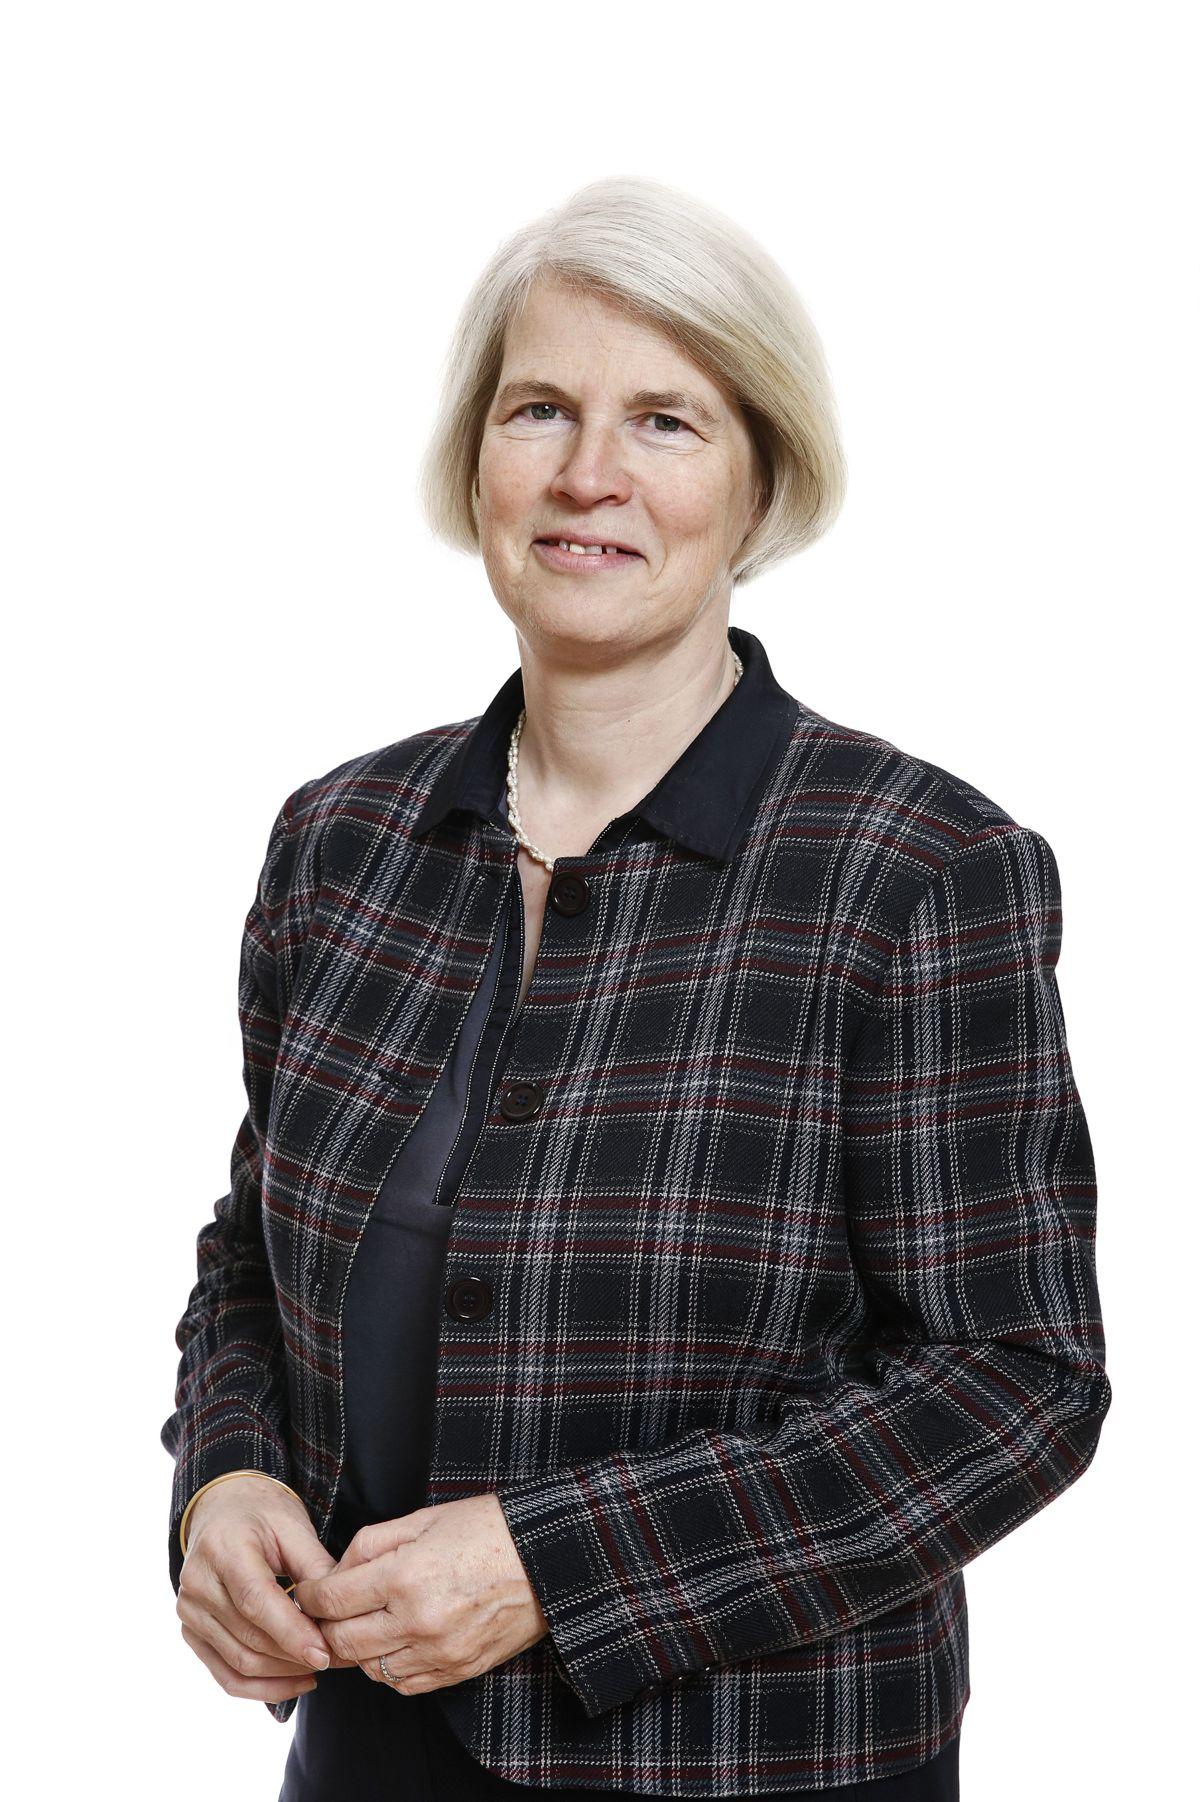 Leder forCenter for Offentlig Innovation i Danmark, Pia Gjellerup, mener den norske modellen er effektiv og fleksibel. Hun vil gjerne ha en tilsvarende ordning i Danmark. Foto: Center for Offentlig Innovasjon